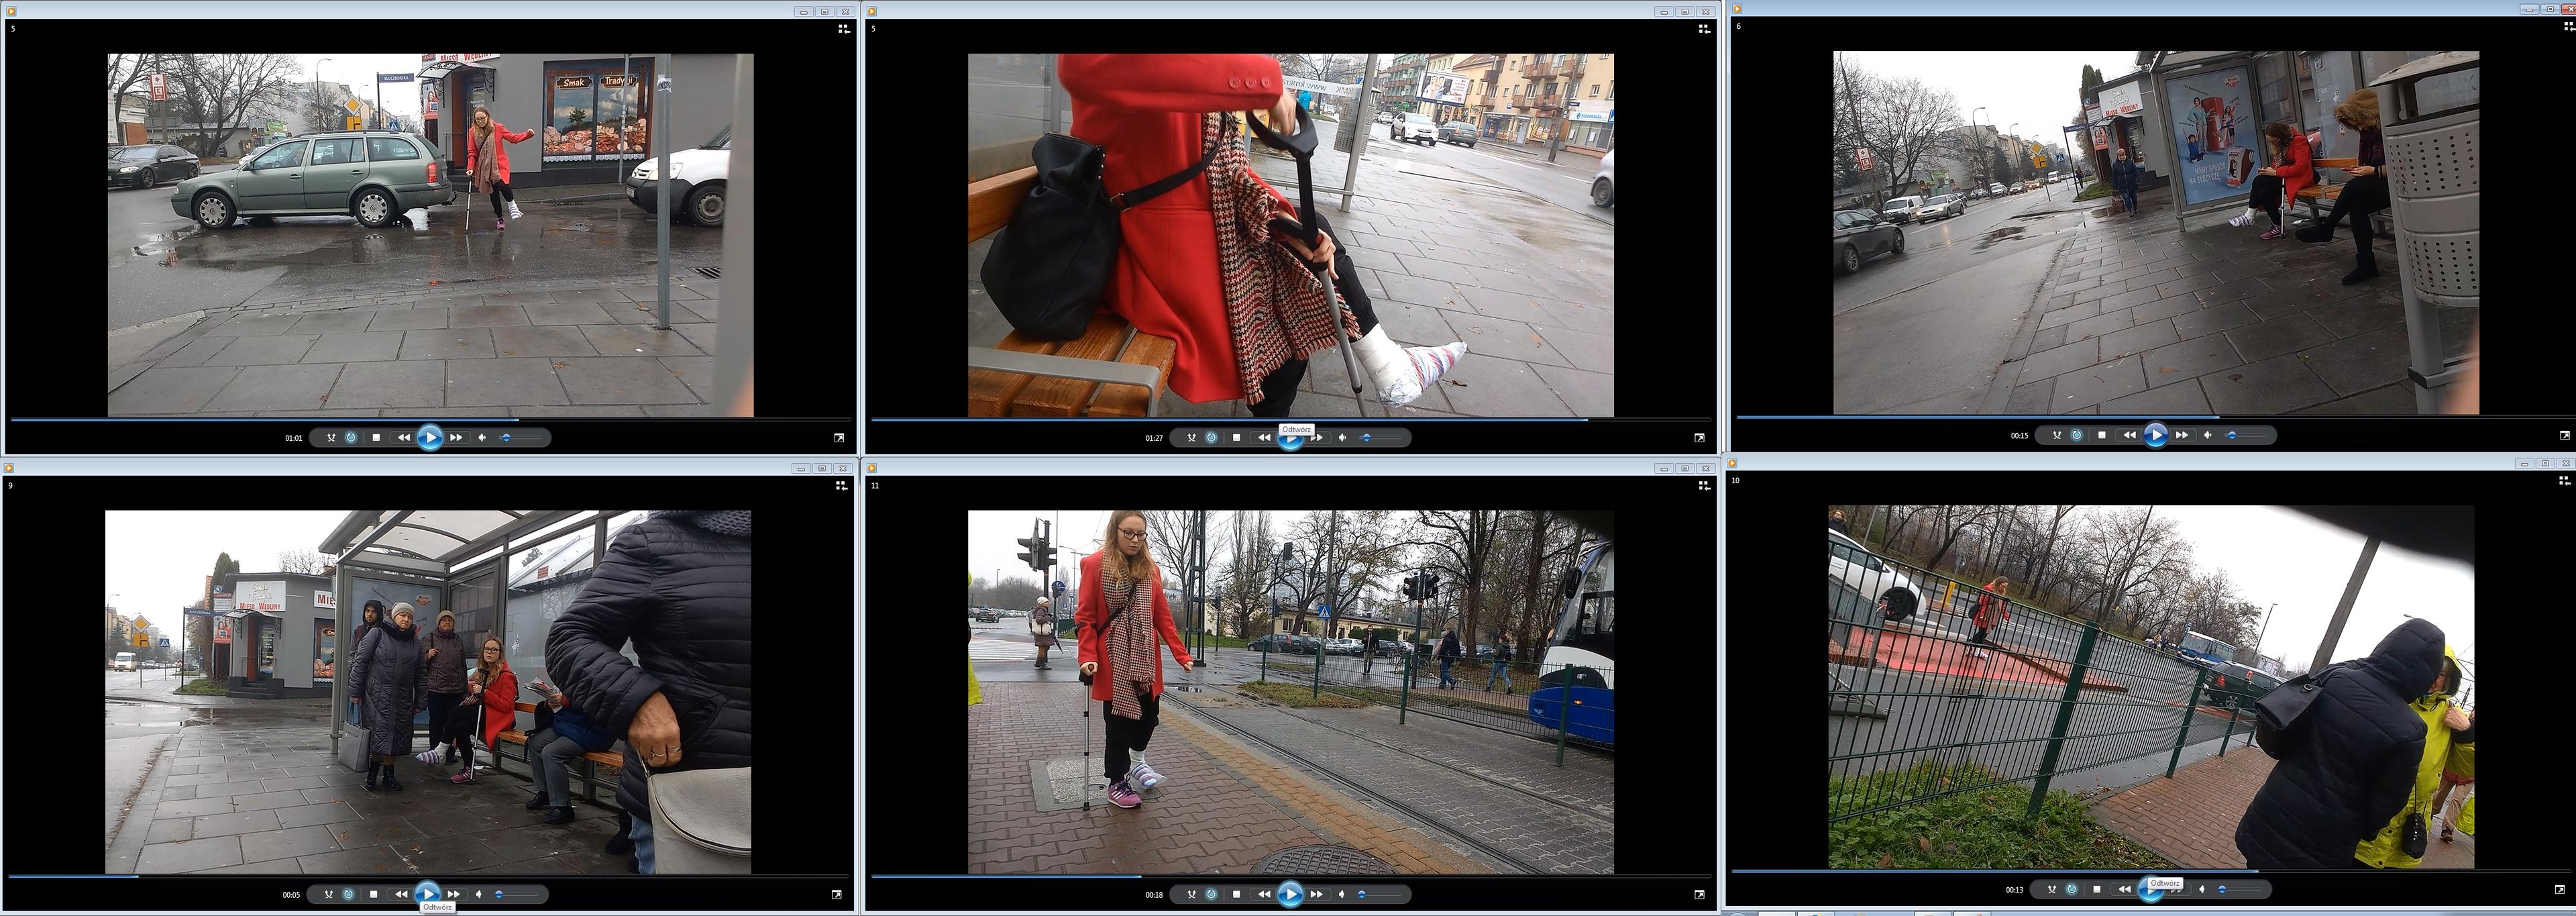 Kamila come back hospital II (4:31)